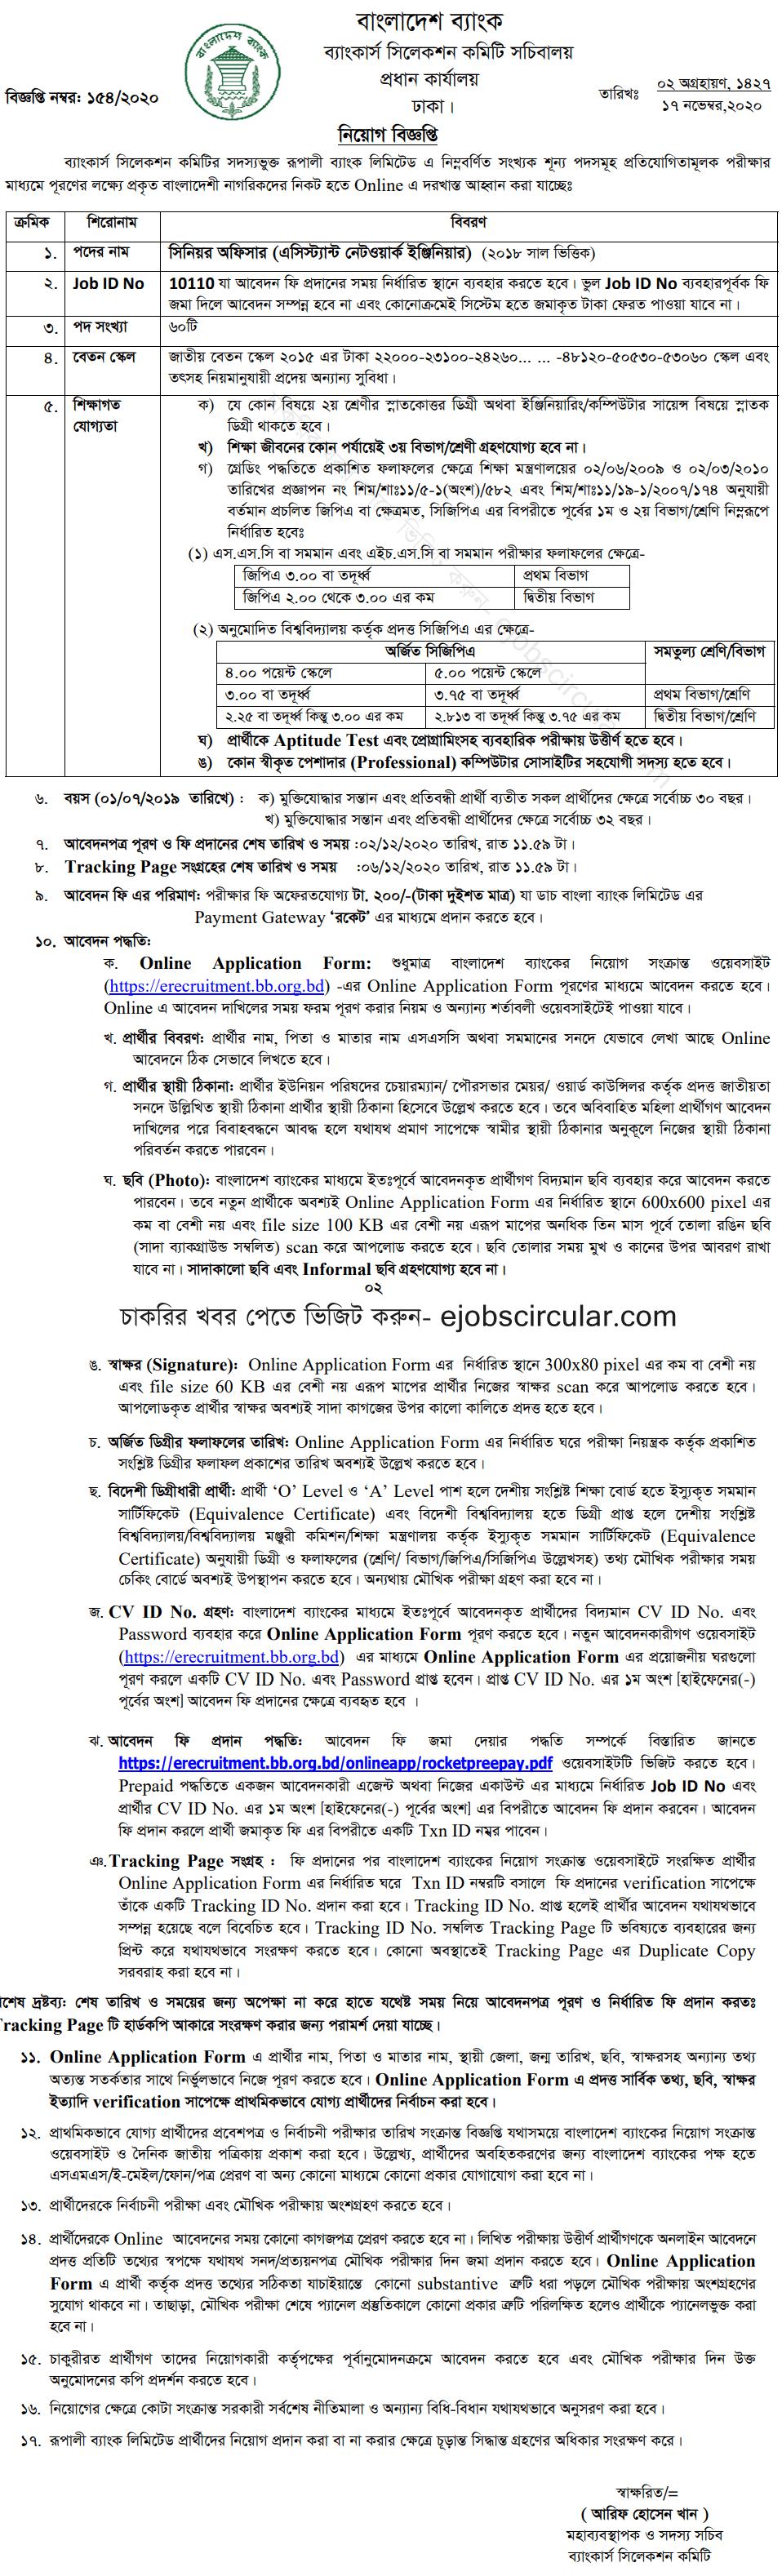 Rupali Bank Limited Job Circular Apply